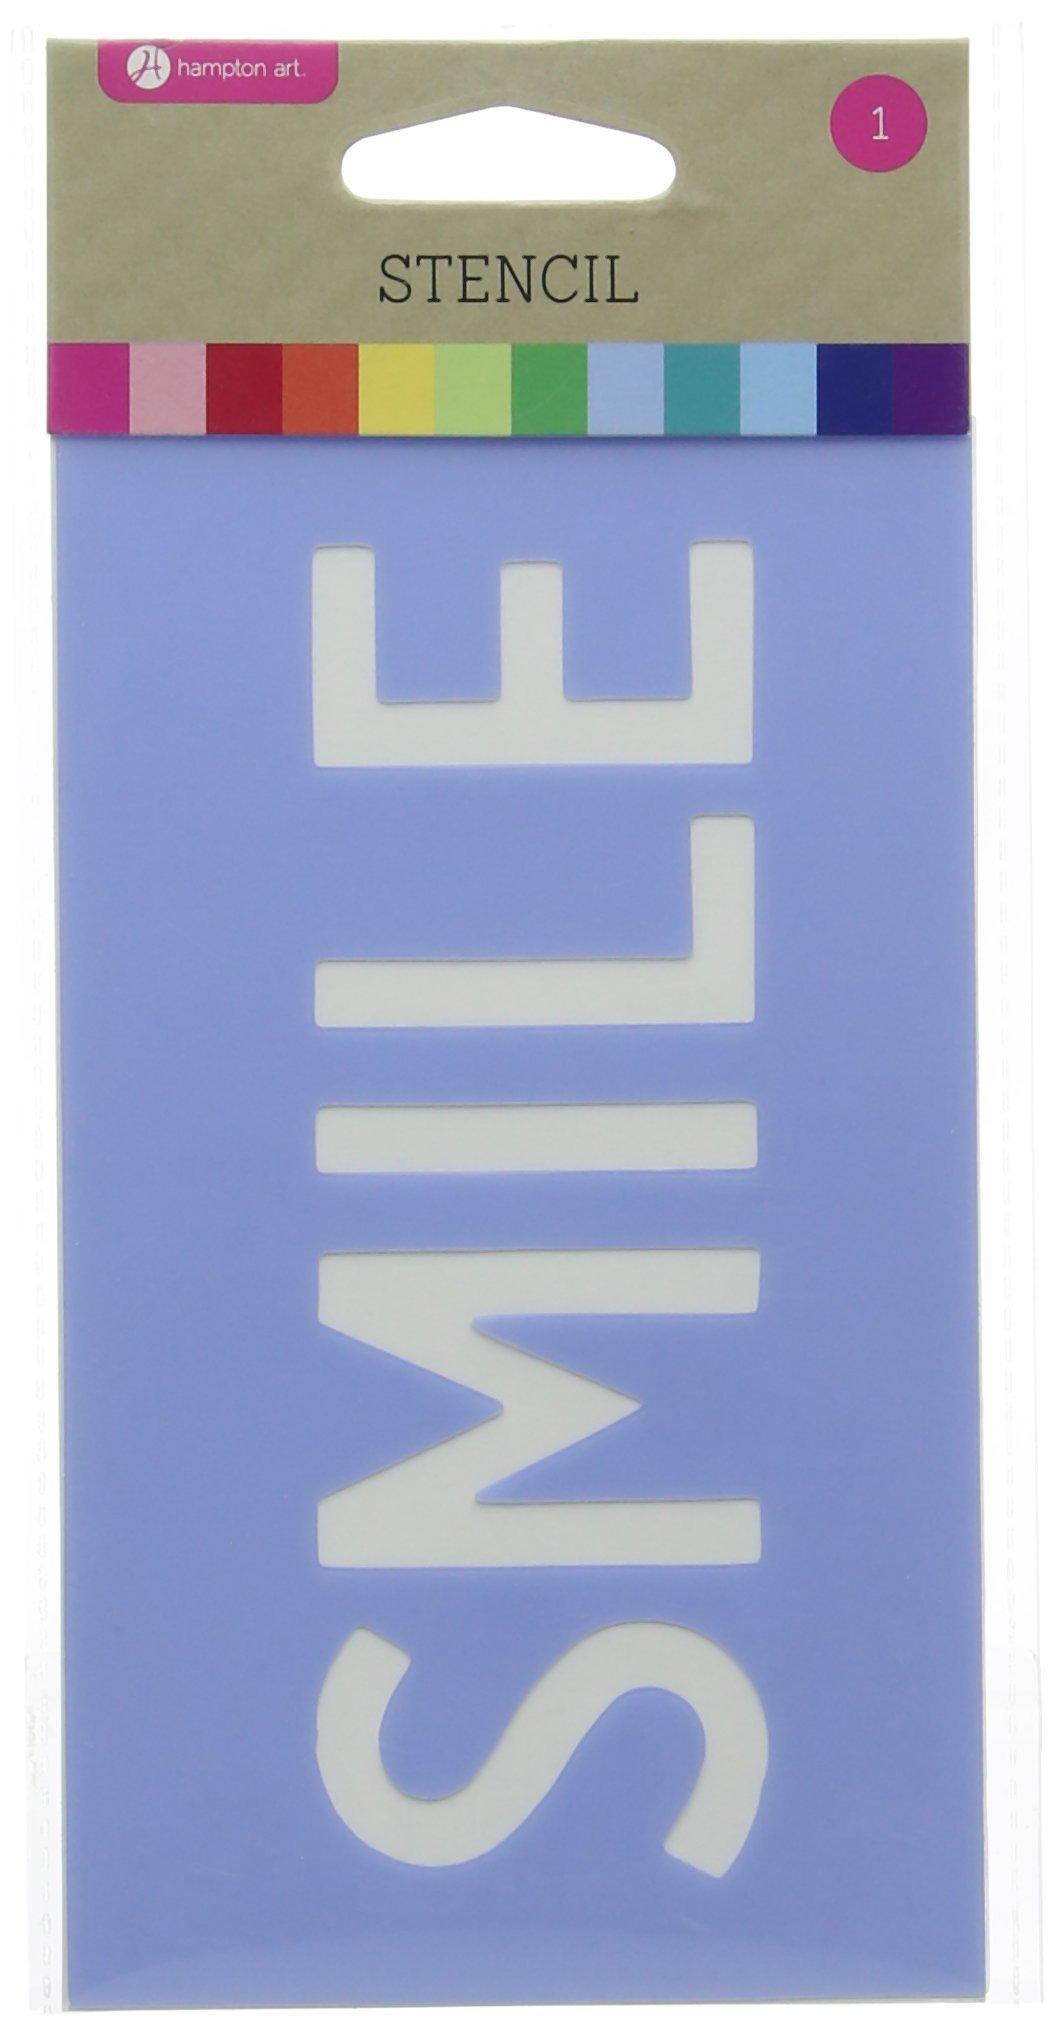 Stencil 3.5''X6''-Smile by Hampton Art (Image #1)